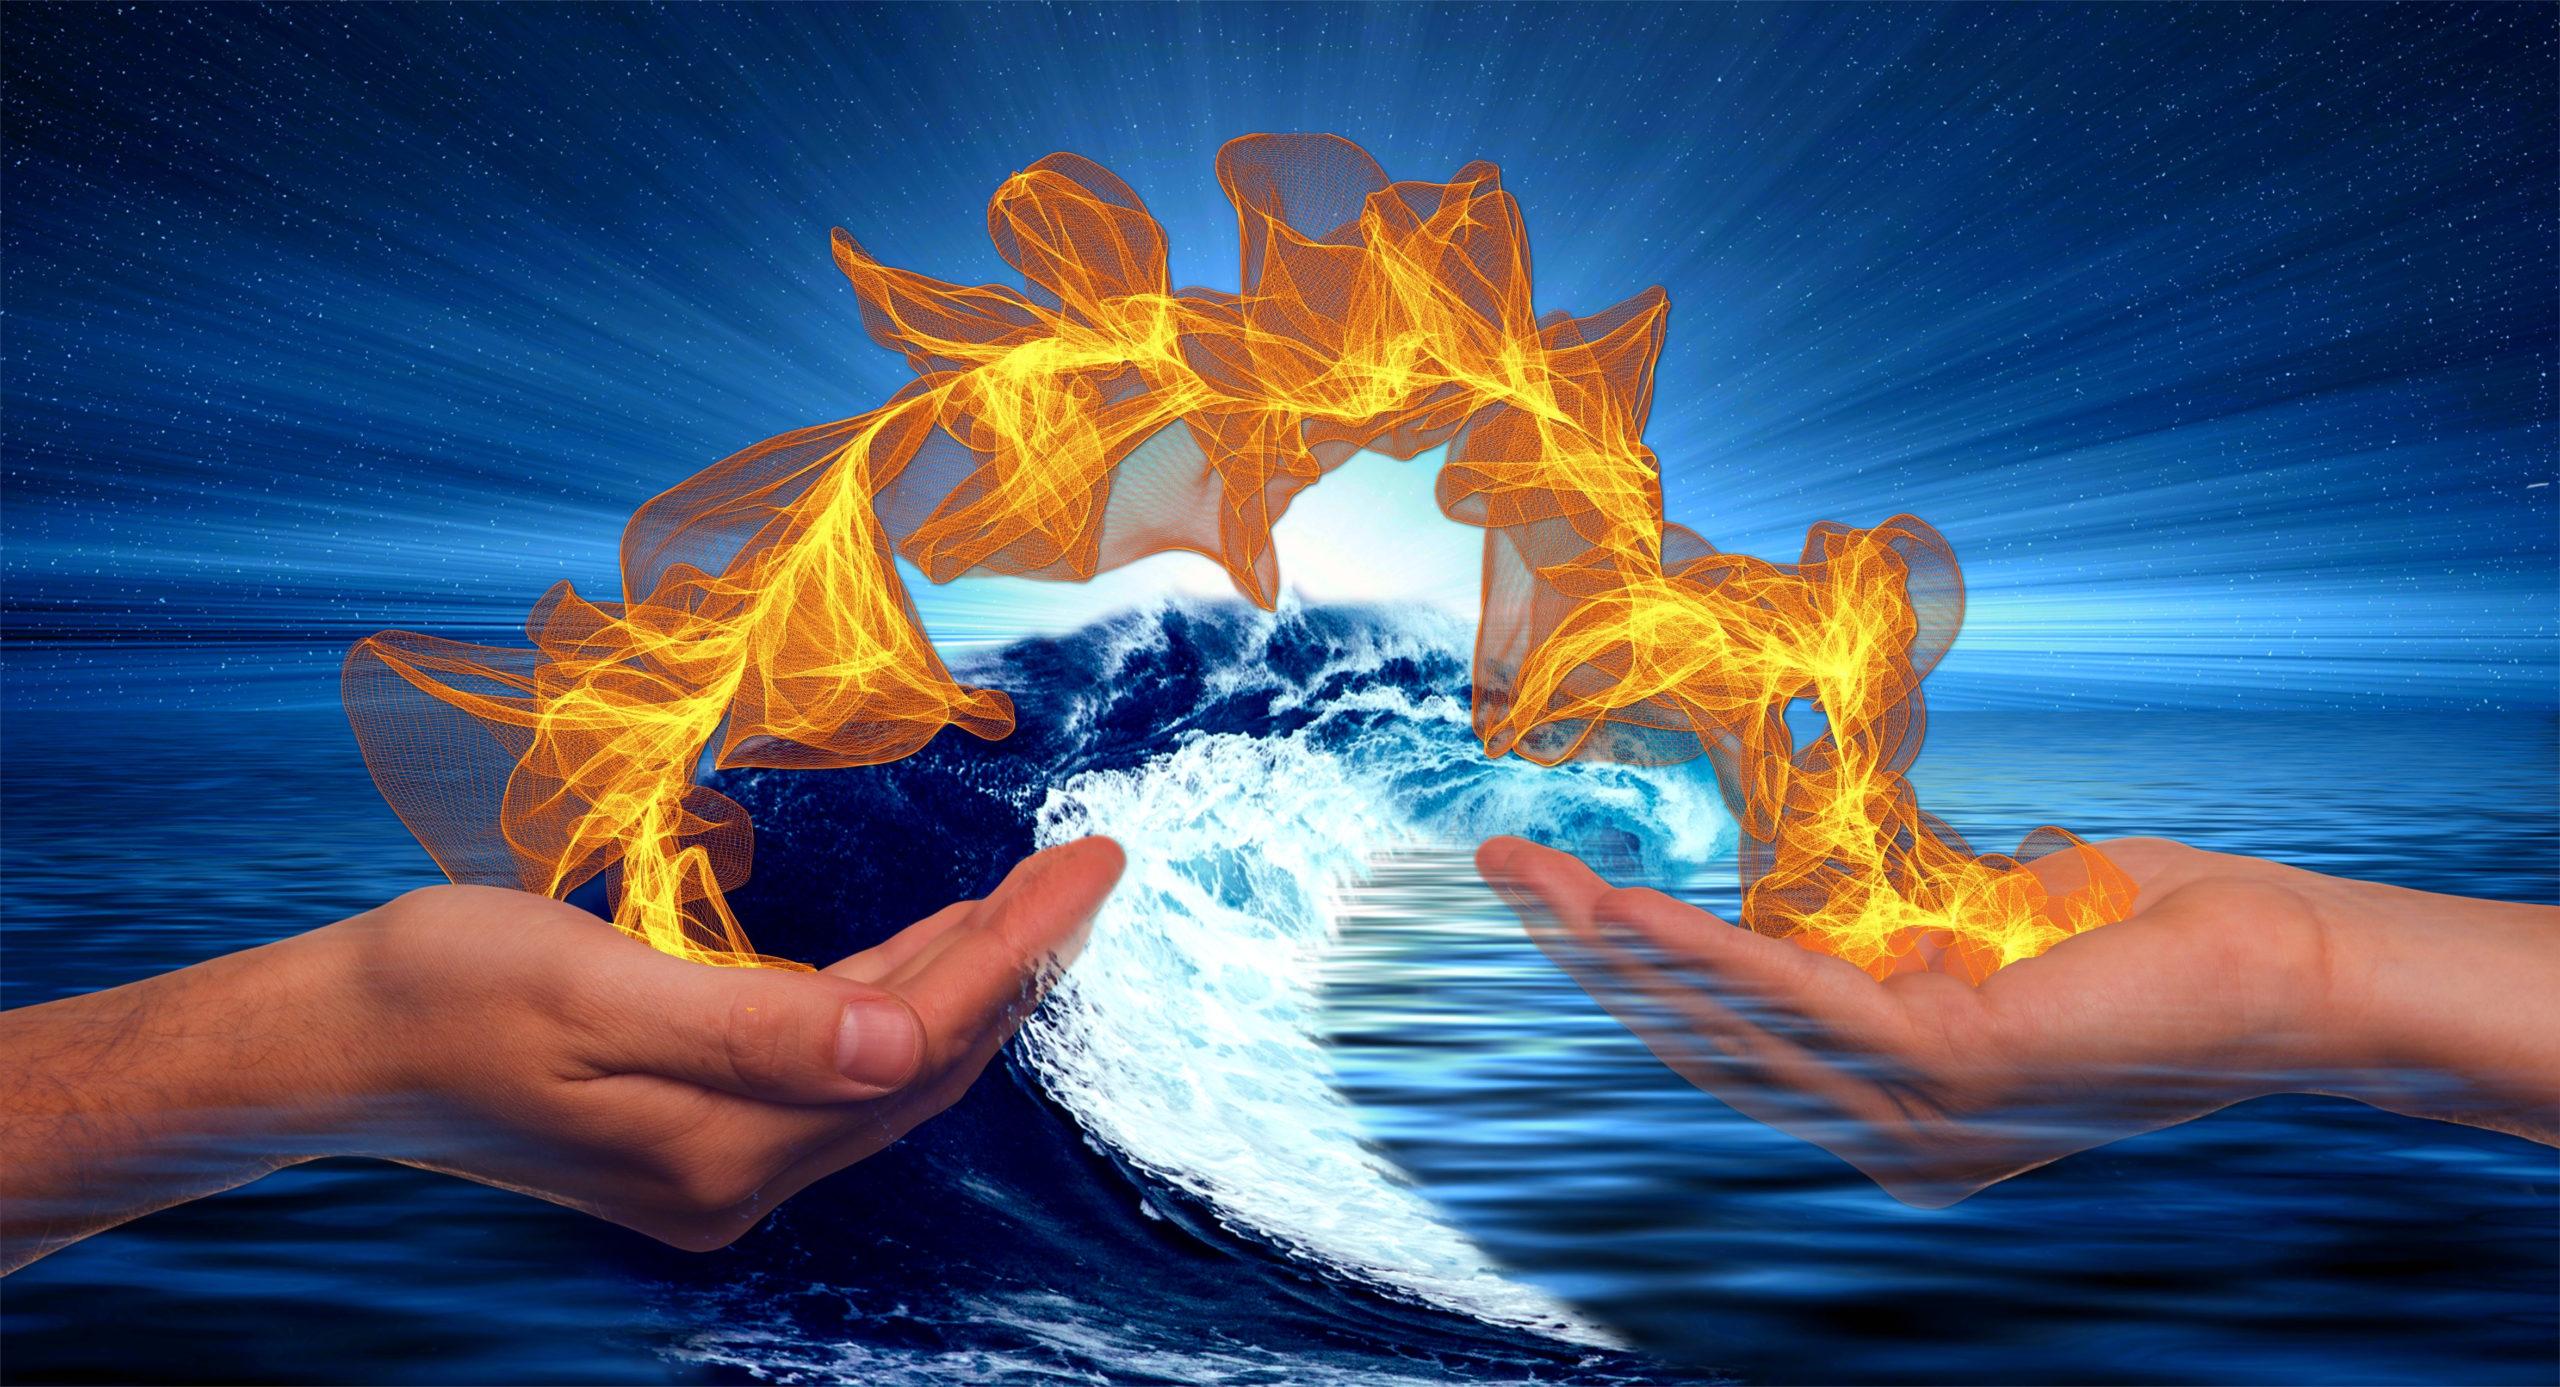 Eine Flamme wandert von einer Hand in die andere vor dem Hintergrund des Meeres mit einer Welle und der aufgehenden Sonne am Horizont als Symbol der Hypnose als Mittel zur Selbstermächtigung